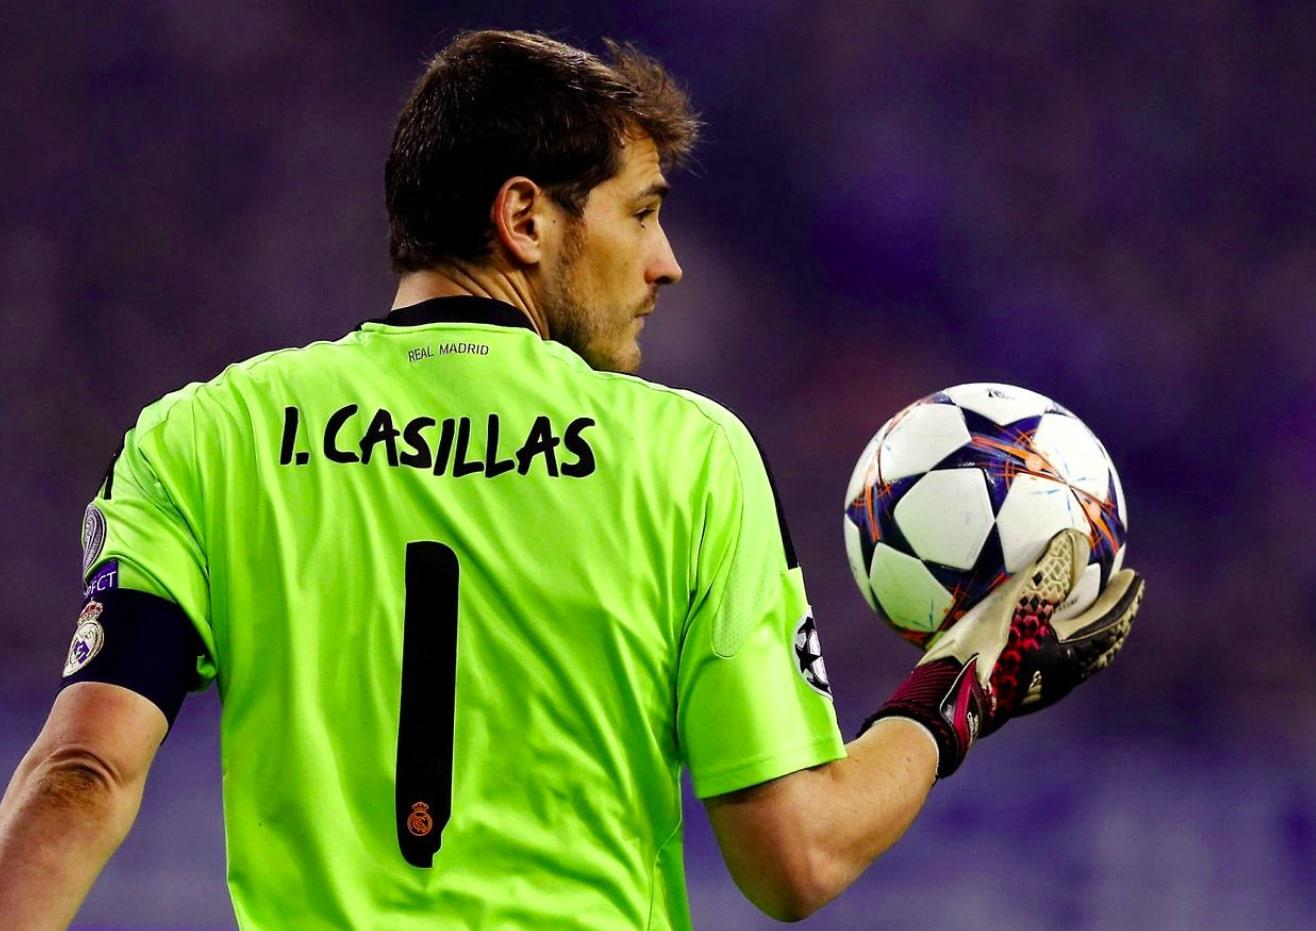 Касияс си припомни раздялата с Реал